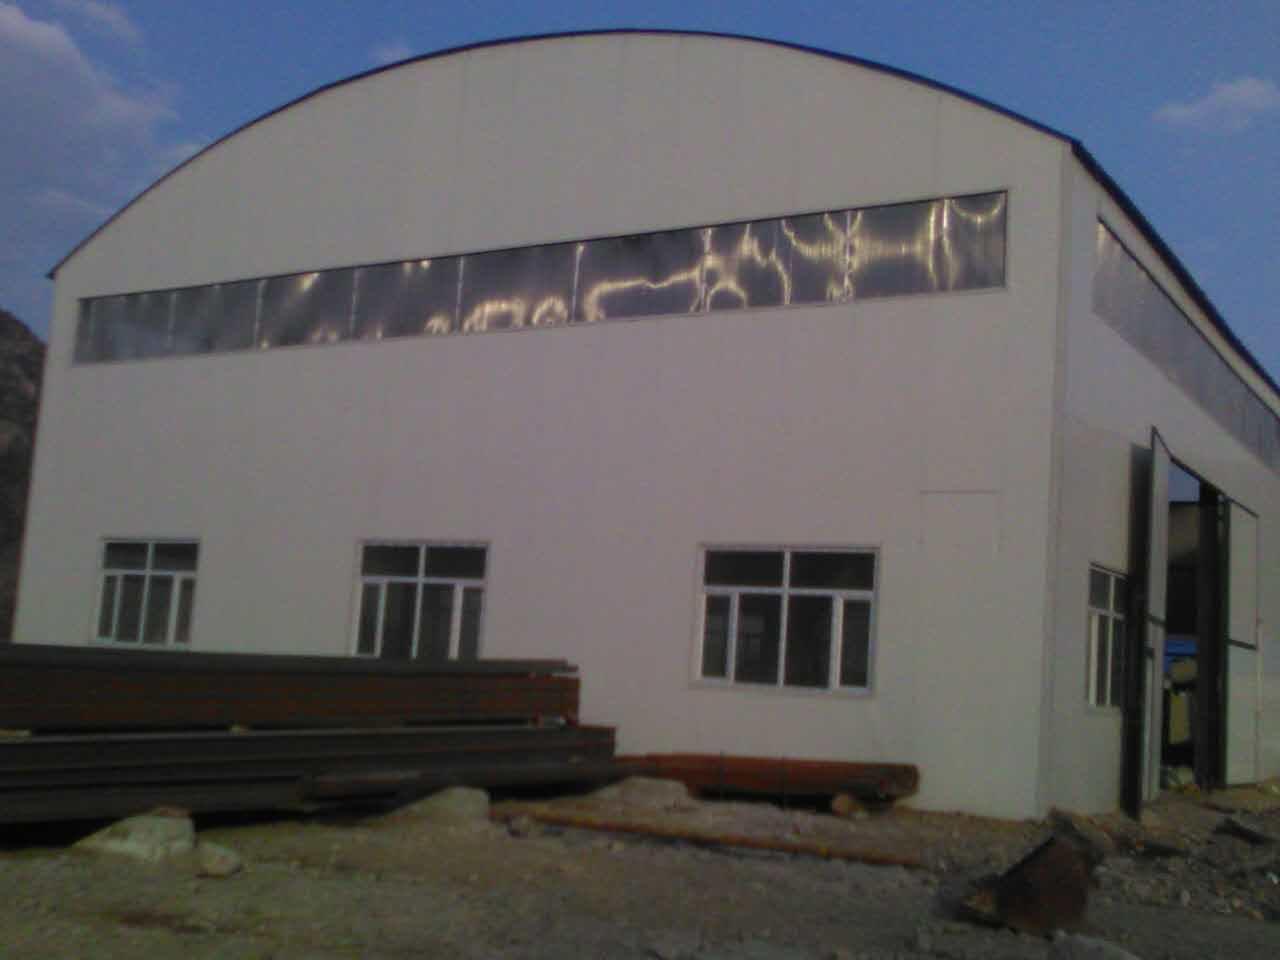 钢结构保温拱形棚